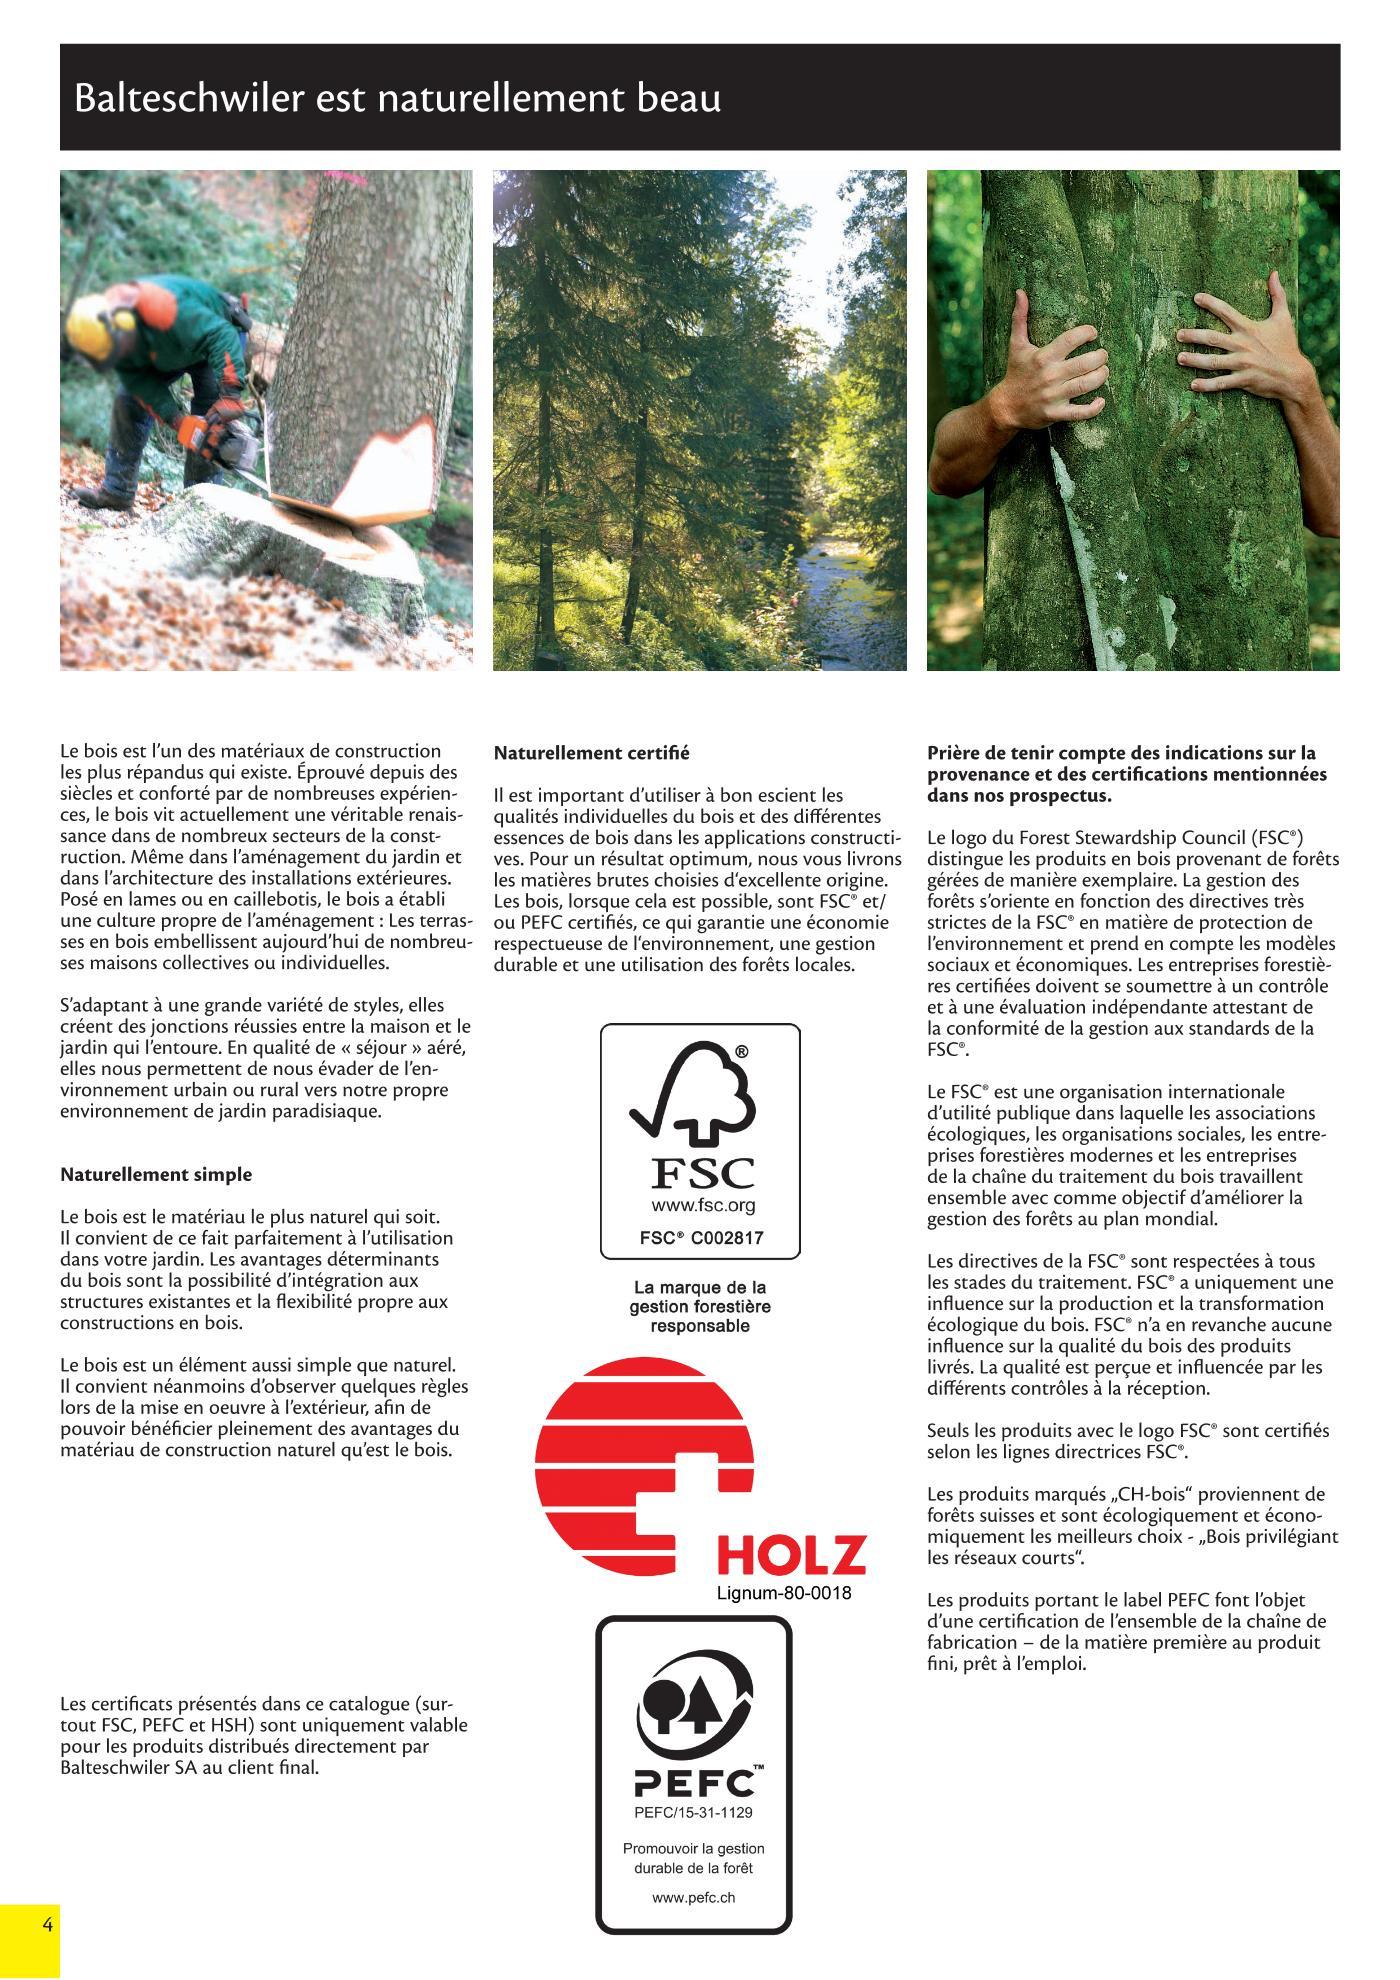 p2w: Balteschwiler AG - Garten_Terrasse_2019_FR